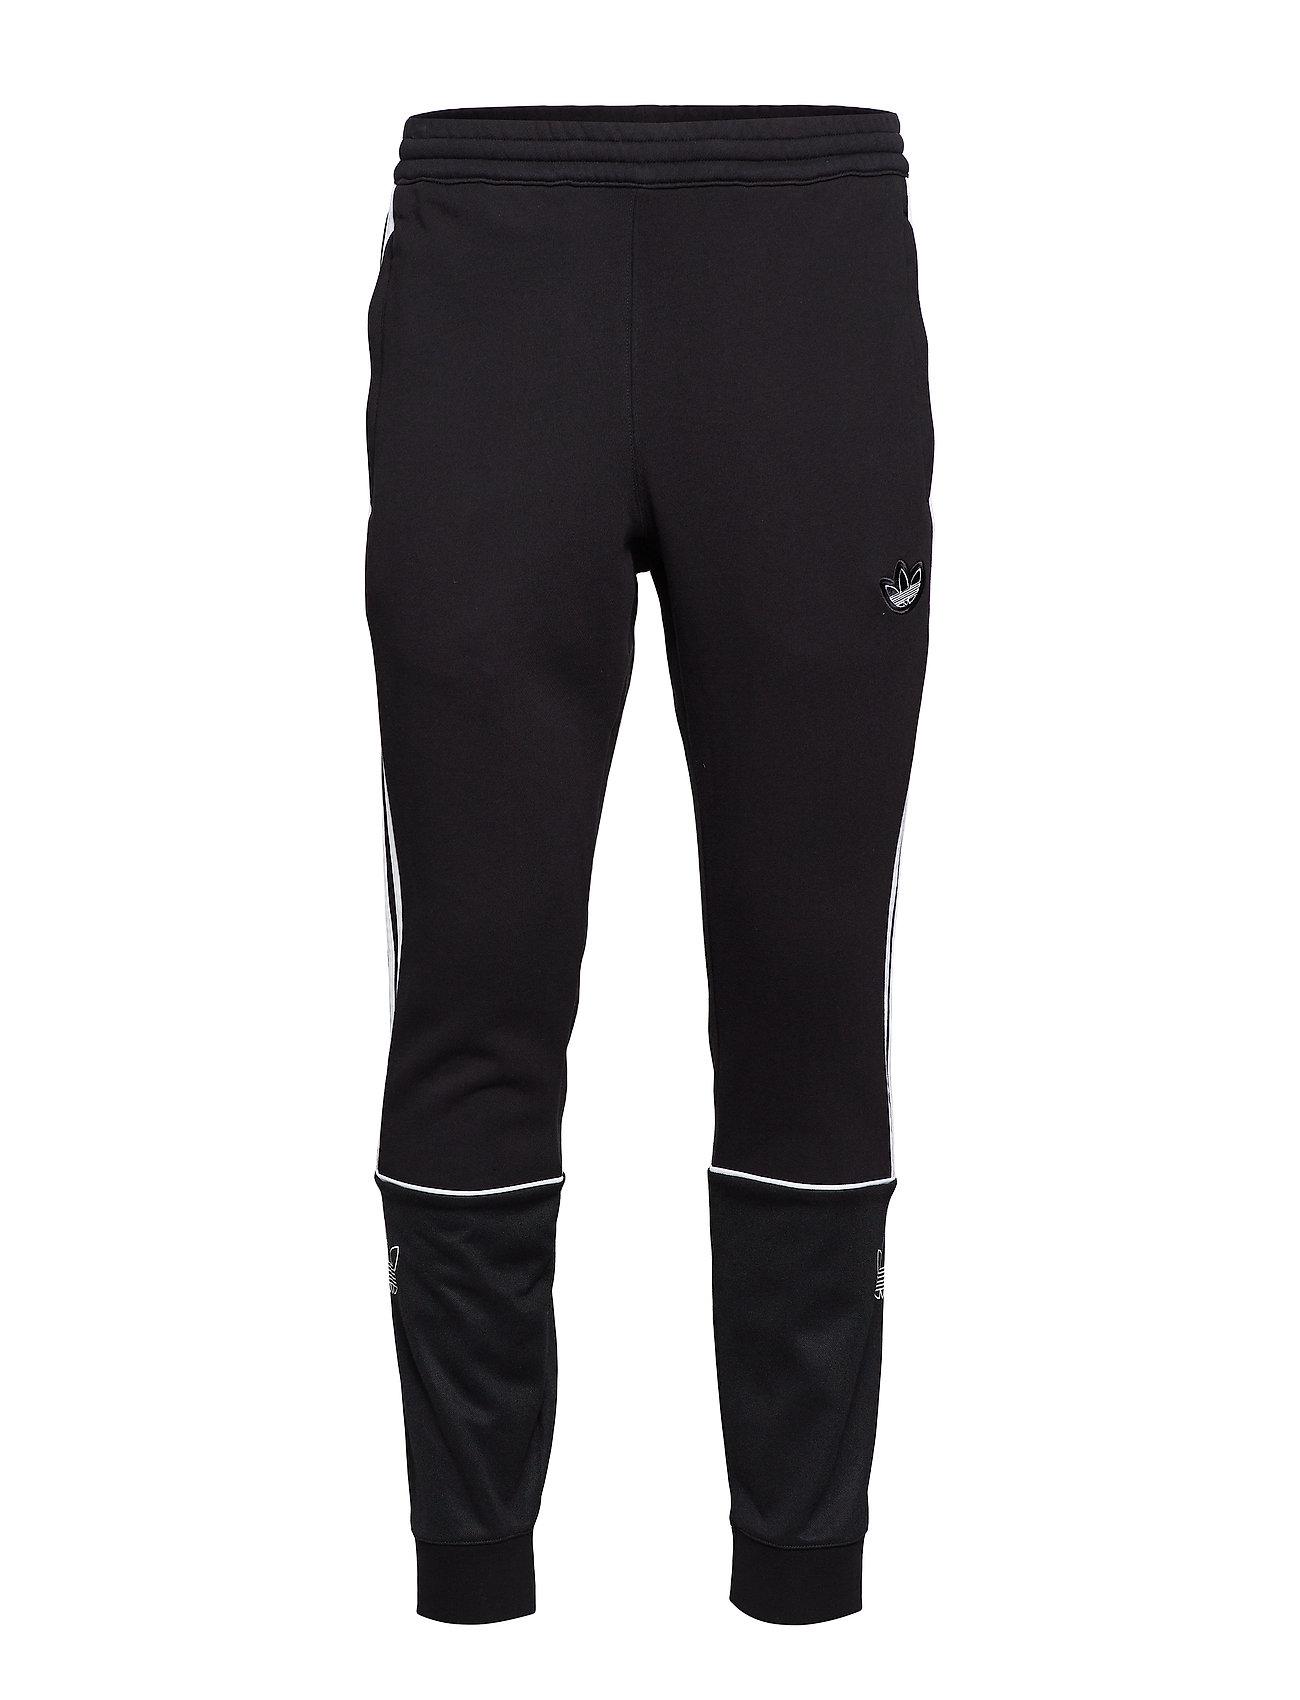 adidas Originals OUTLINE SP FT - BLACK